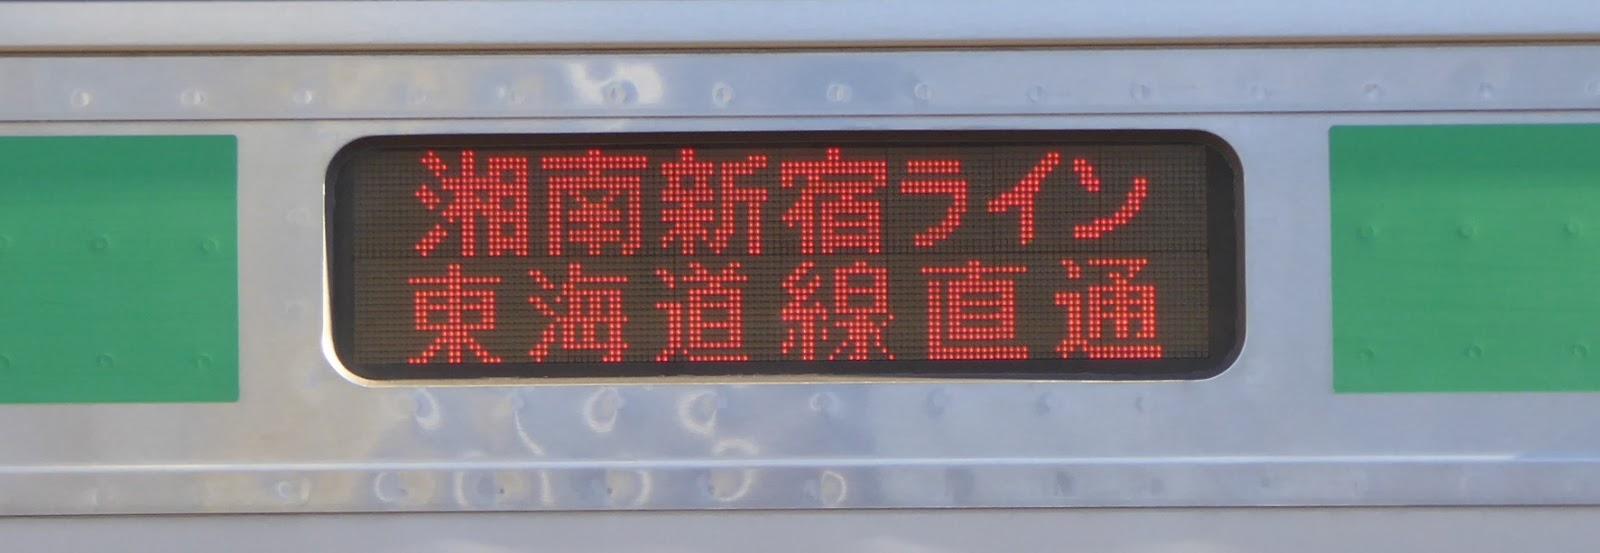 湘南新宿ライン 宇都宮線直通 E231系